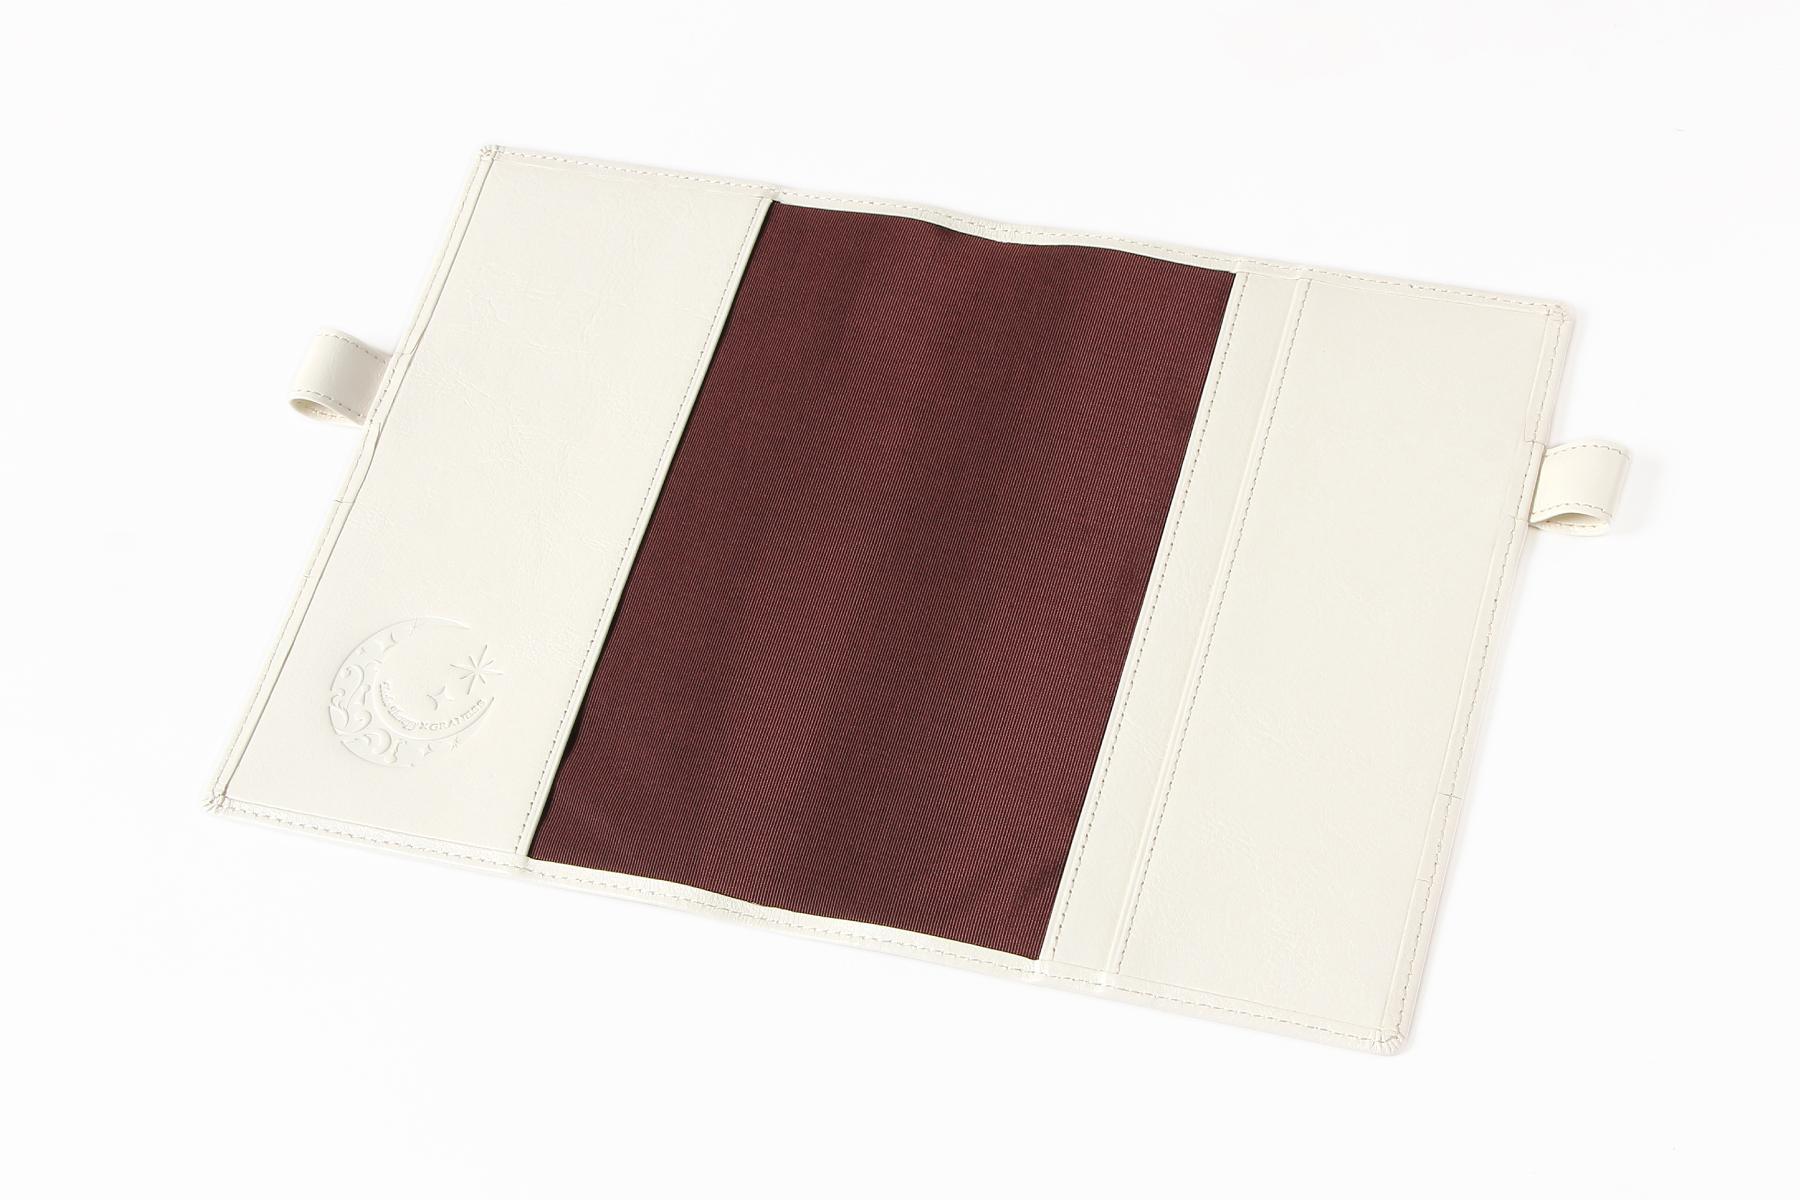 B6サイズ手帳カバー・バタフライストッパー付きの内側に名入れをした写真